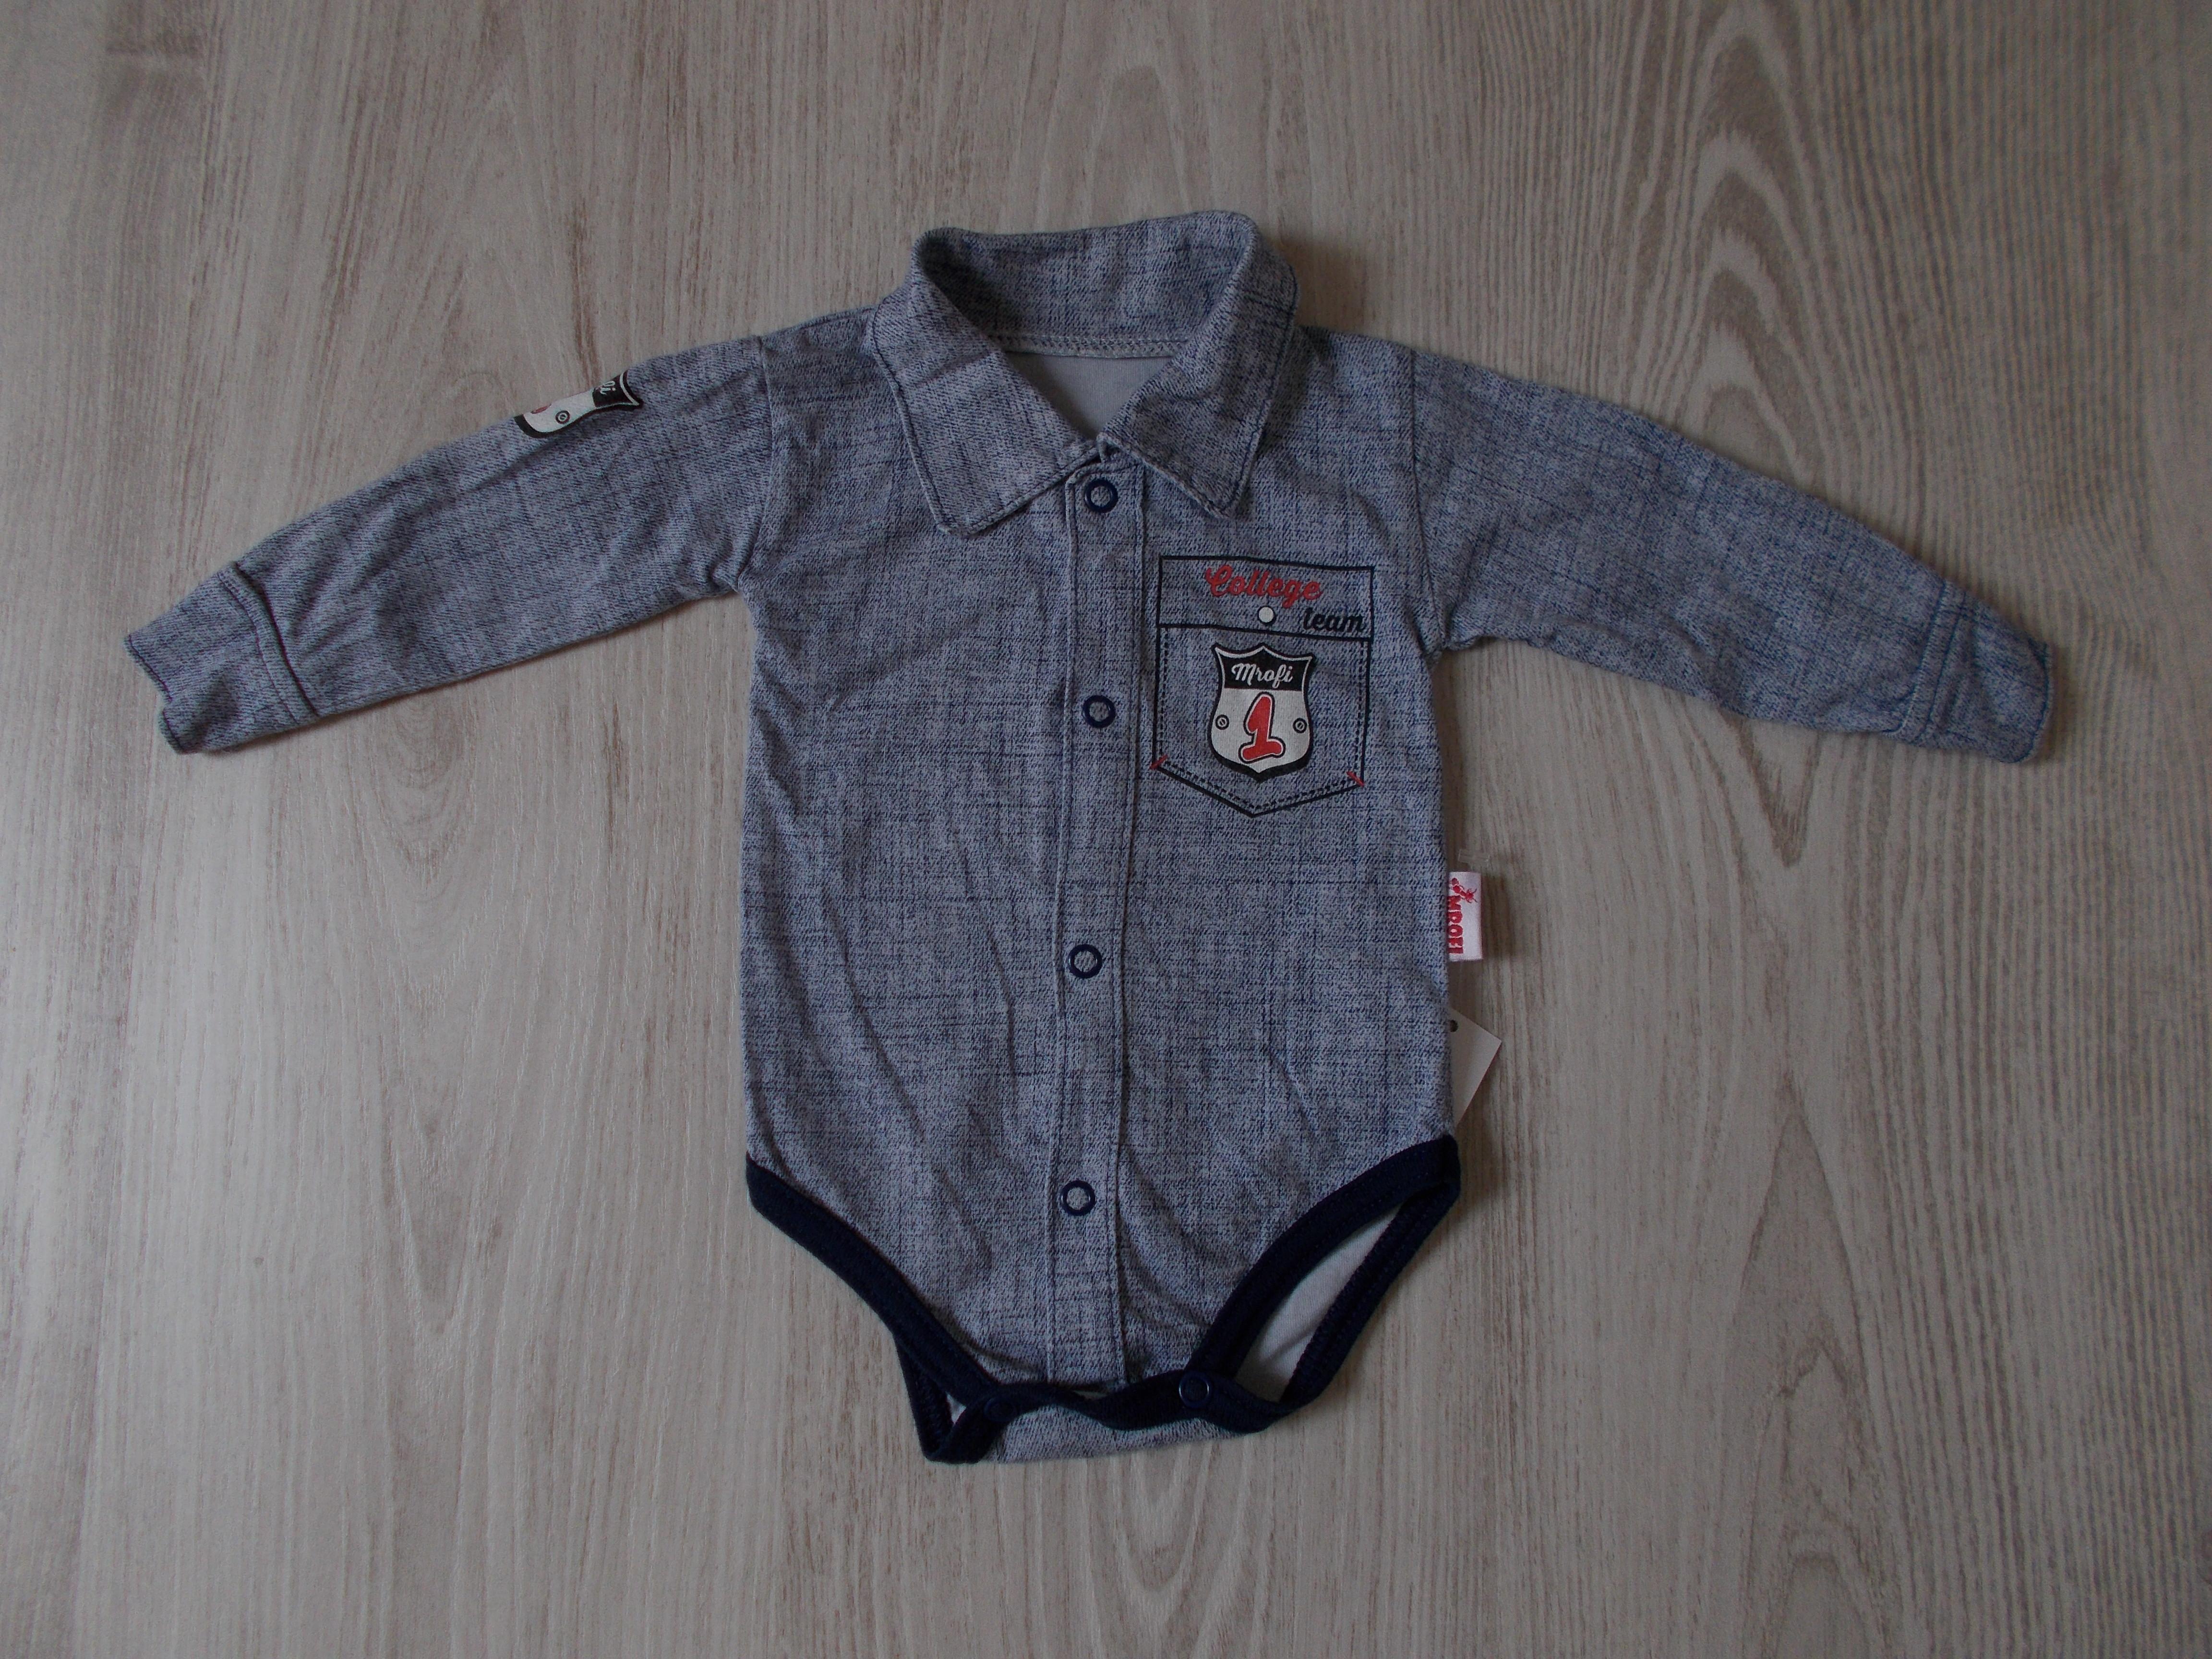 Ing hatású body  68 (3-6 hó)   Fiú ruhák     Lótusz Gyerekruha Webshop 819bd0f31f